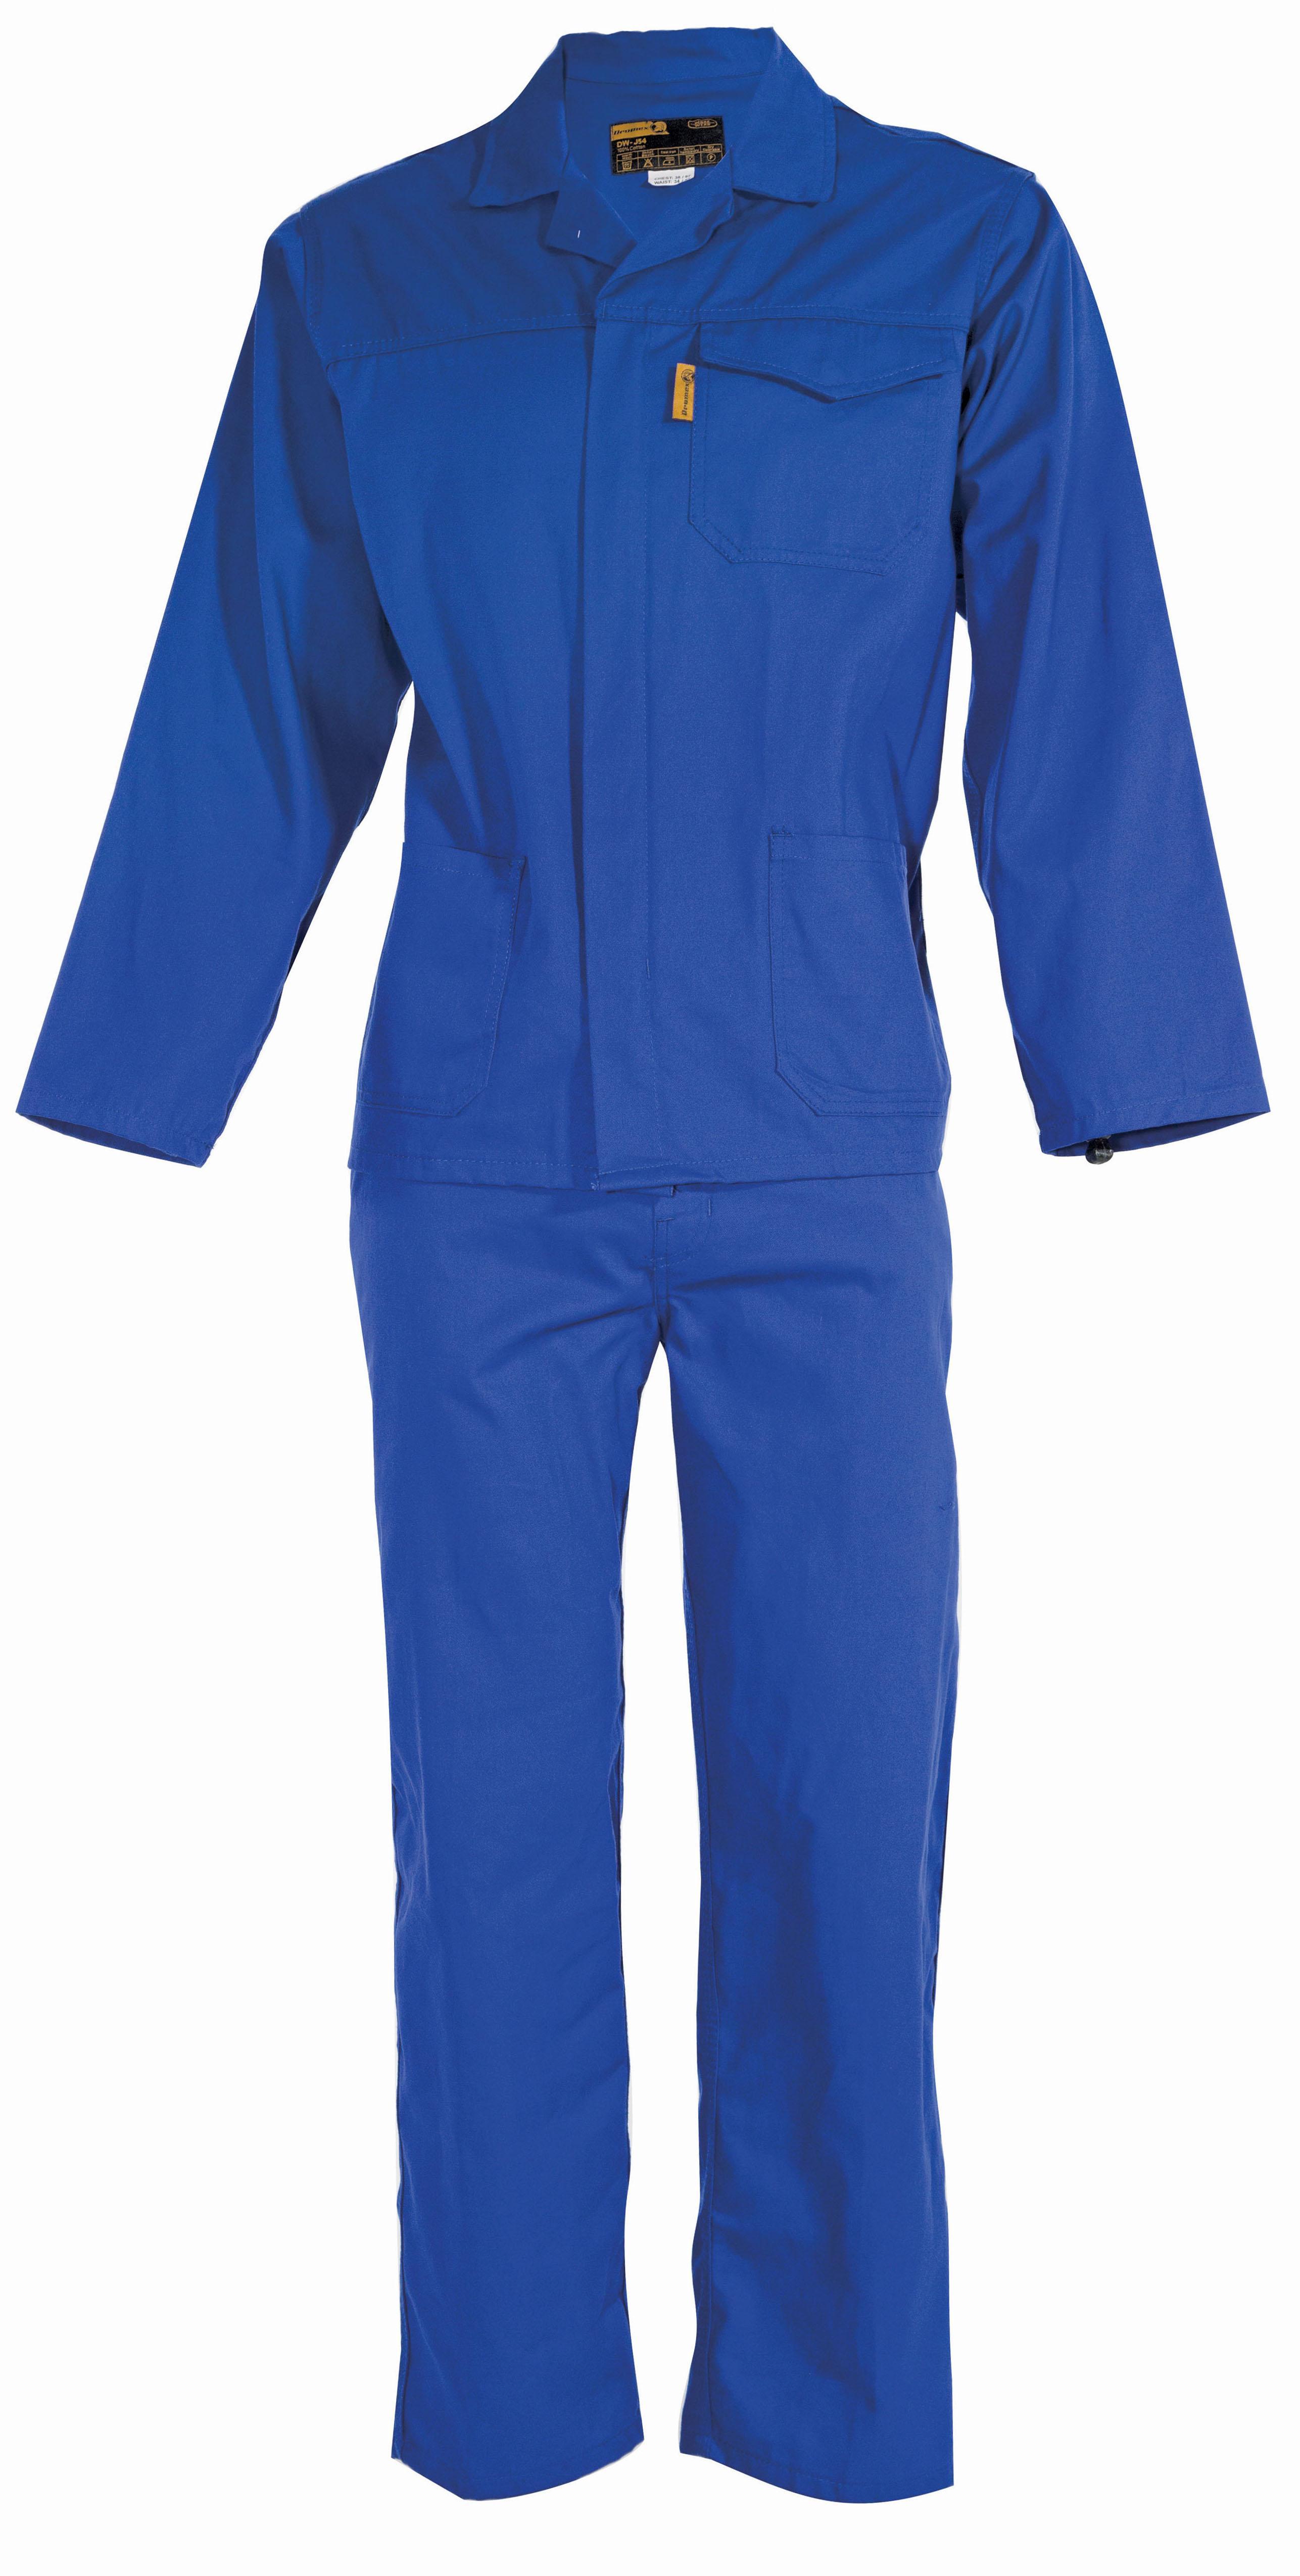 J54 Conti Suits, Royal Blue, Size 58